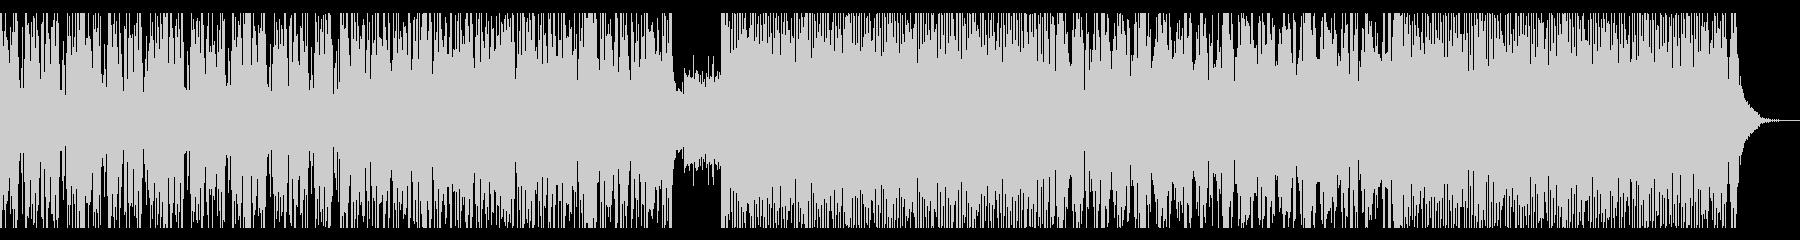 ミディアムテンポのプログレッシブハウスの未再生の波形